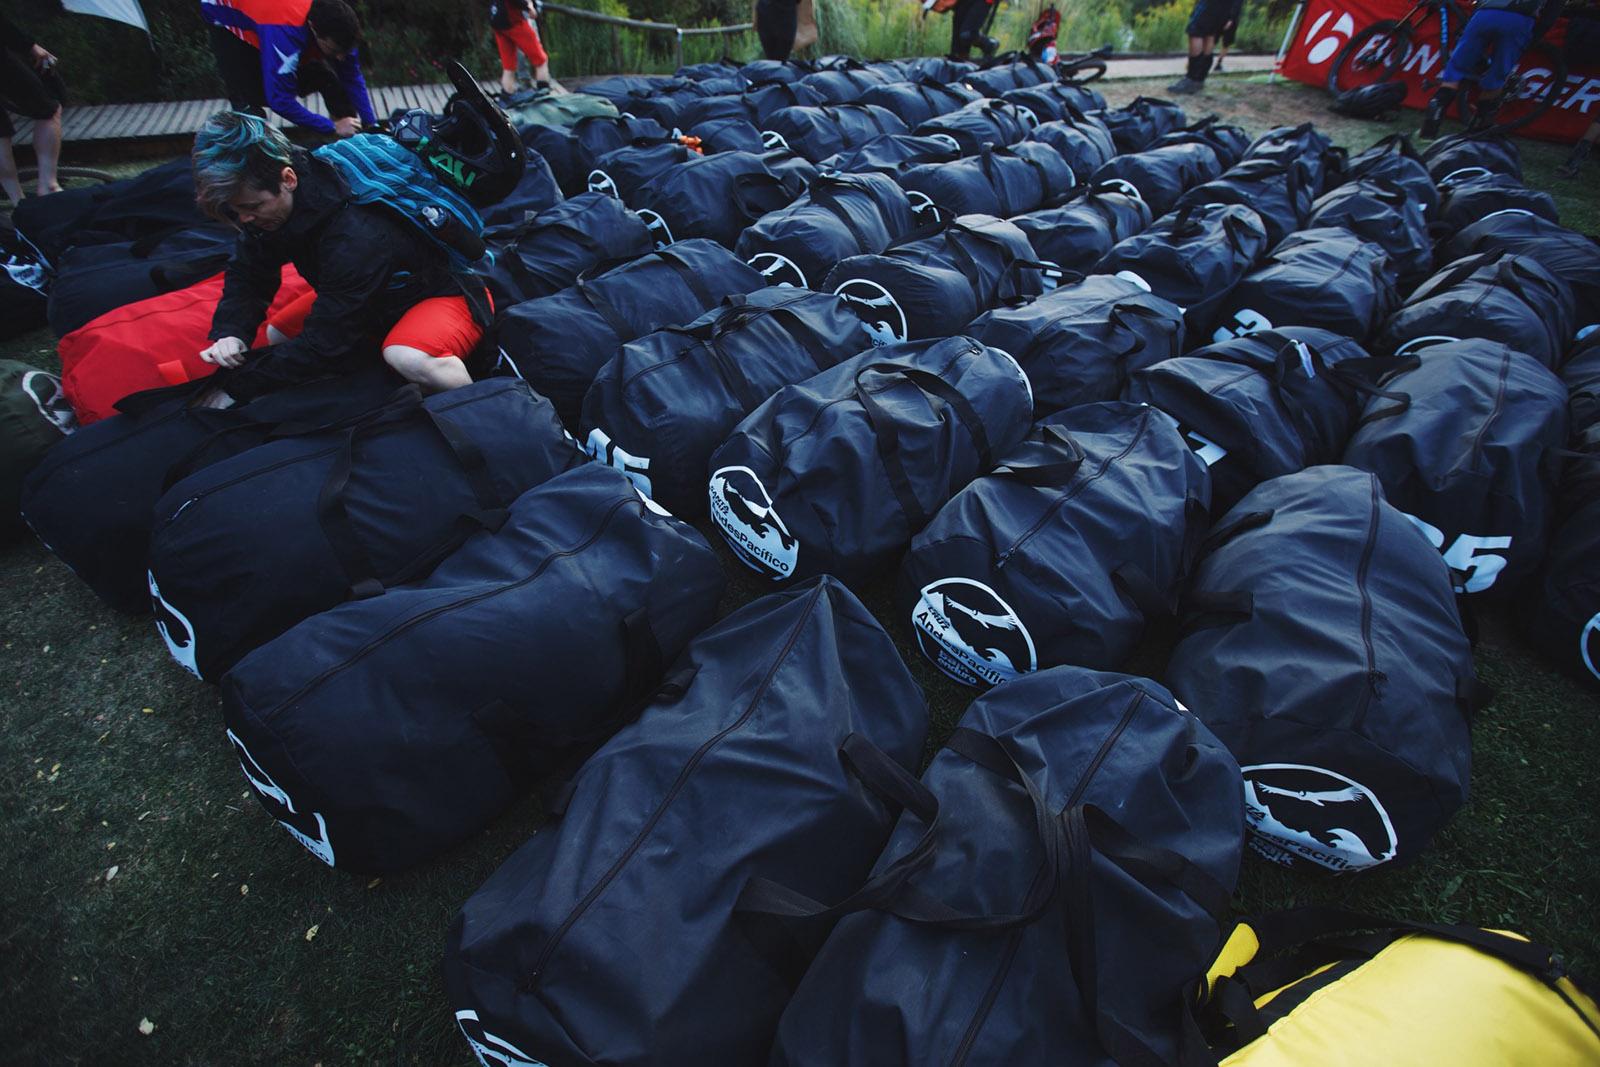 Santa Cruz Bicycles - The Daily Bag Lineup at Andes Pacifico